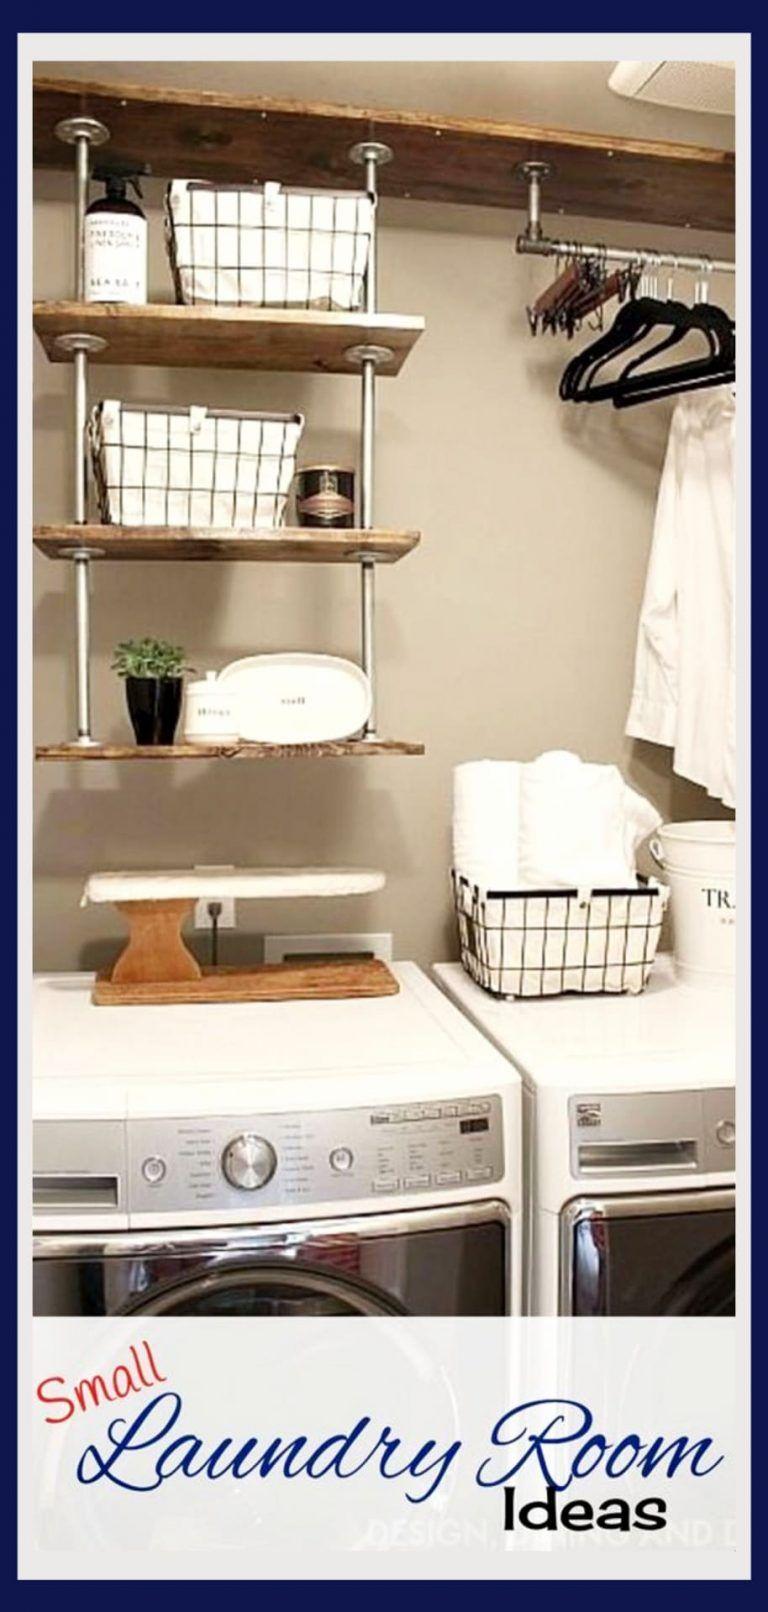 Photo of Kleine Waschküche Ideen – Platzsparende Ideen für kleine Waschküchen (kreative und einfache DIY)